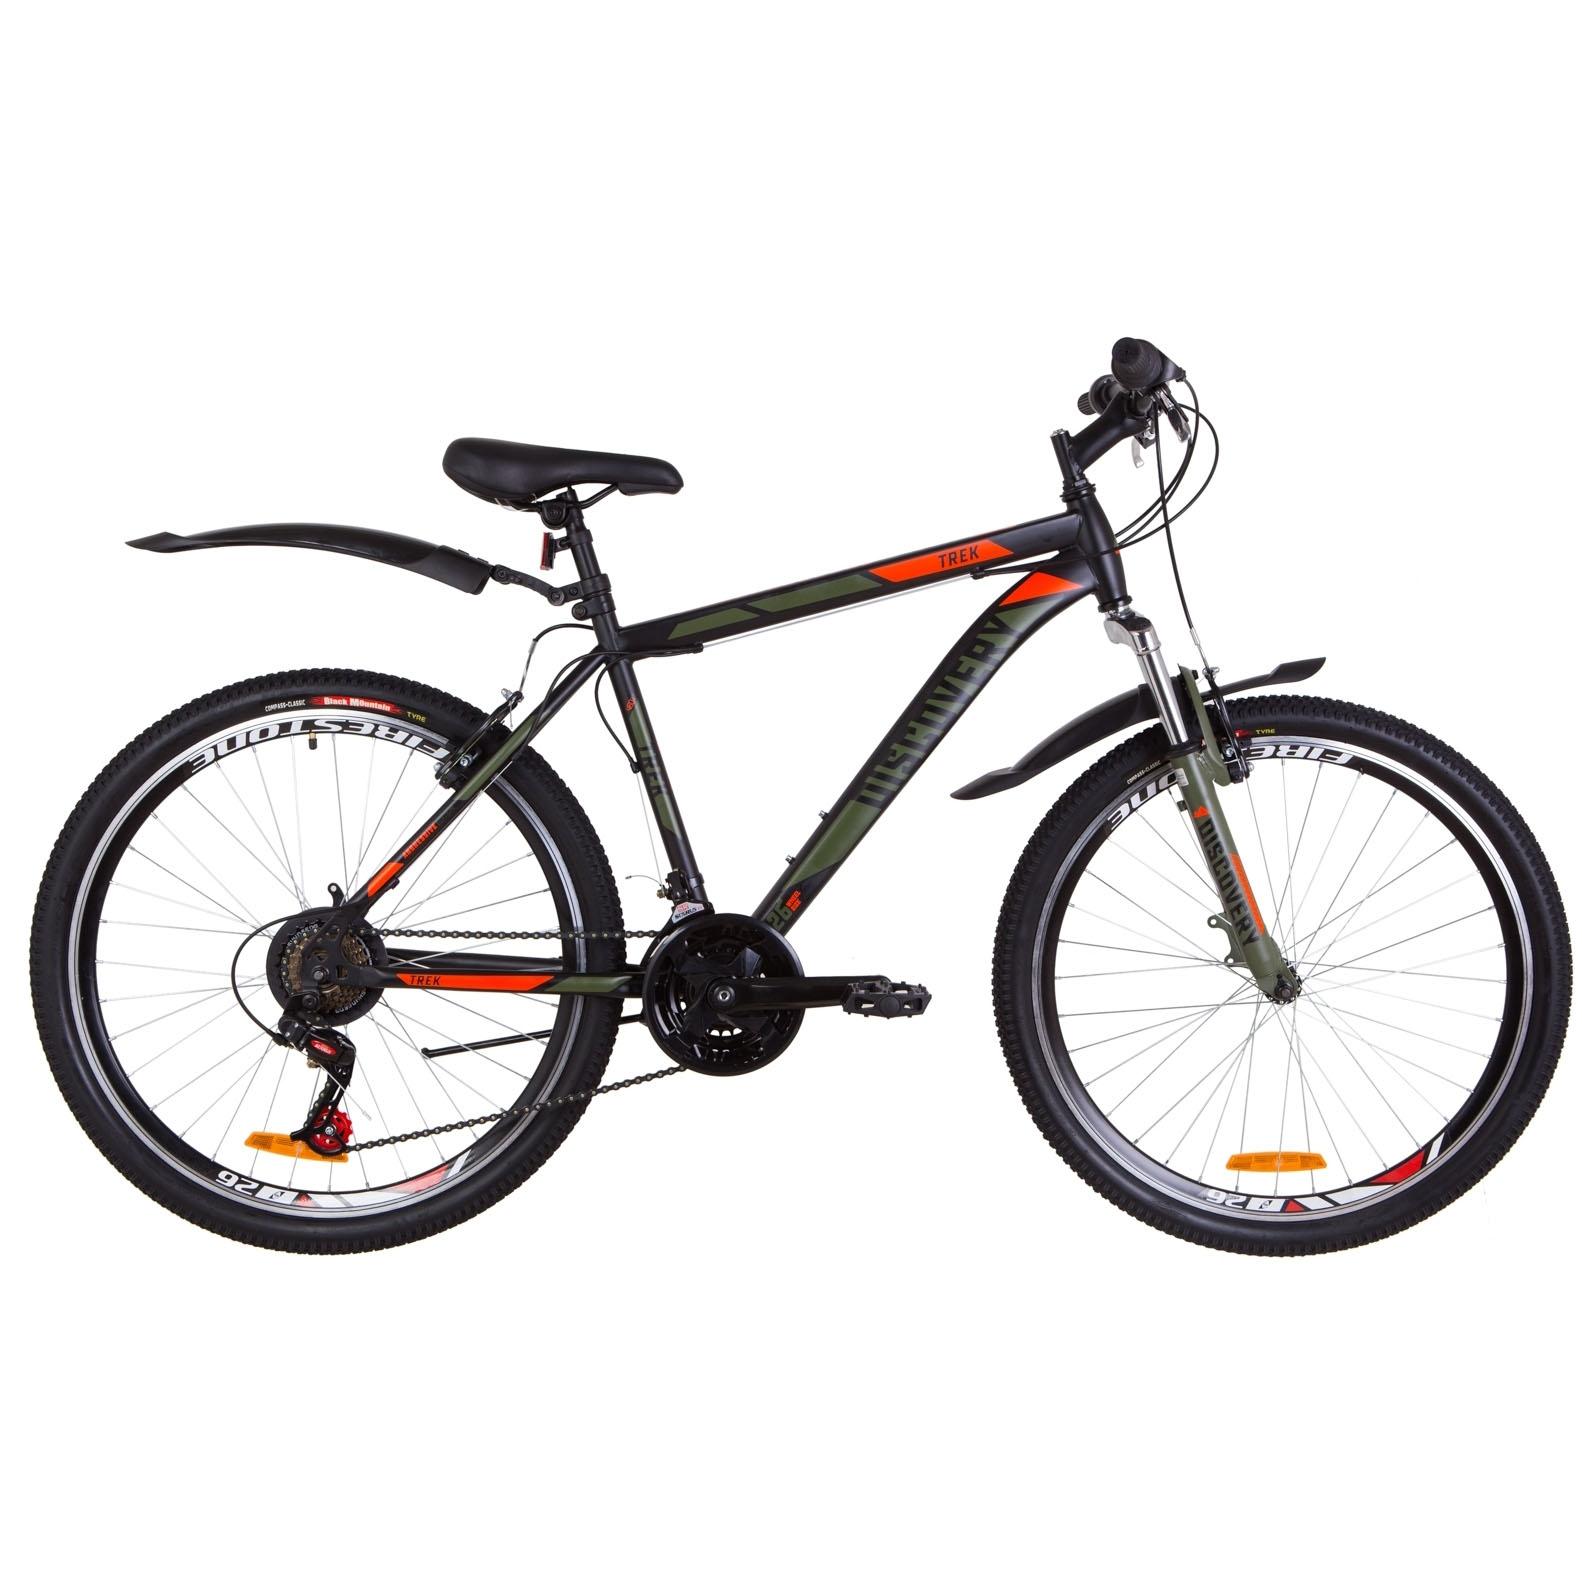 Фото Подростковый Горный Велосипед 26 Discovery TREK рама-13″  черно-оранжевый с синим (м) 2019